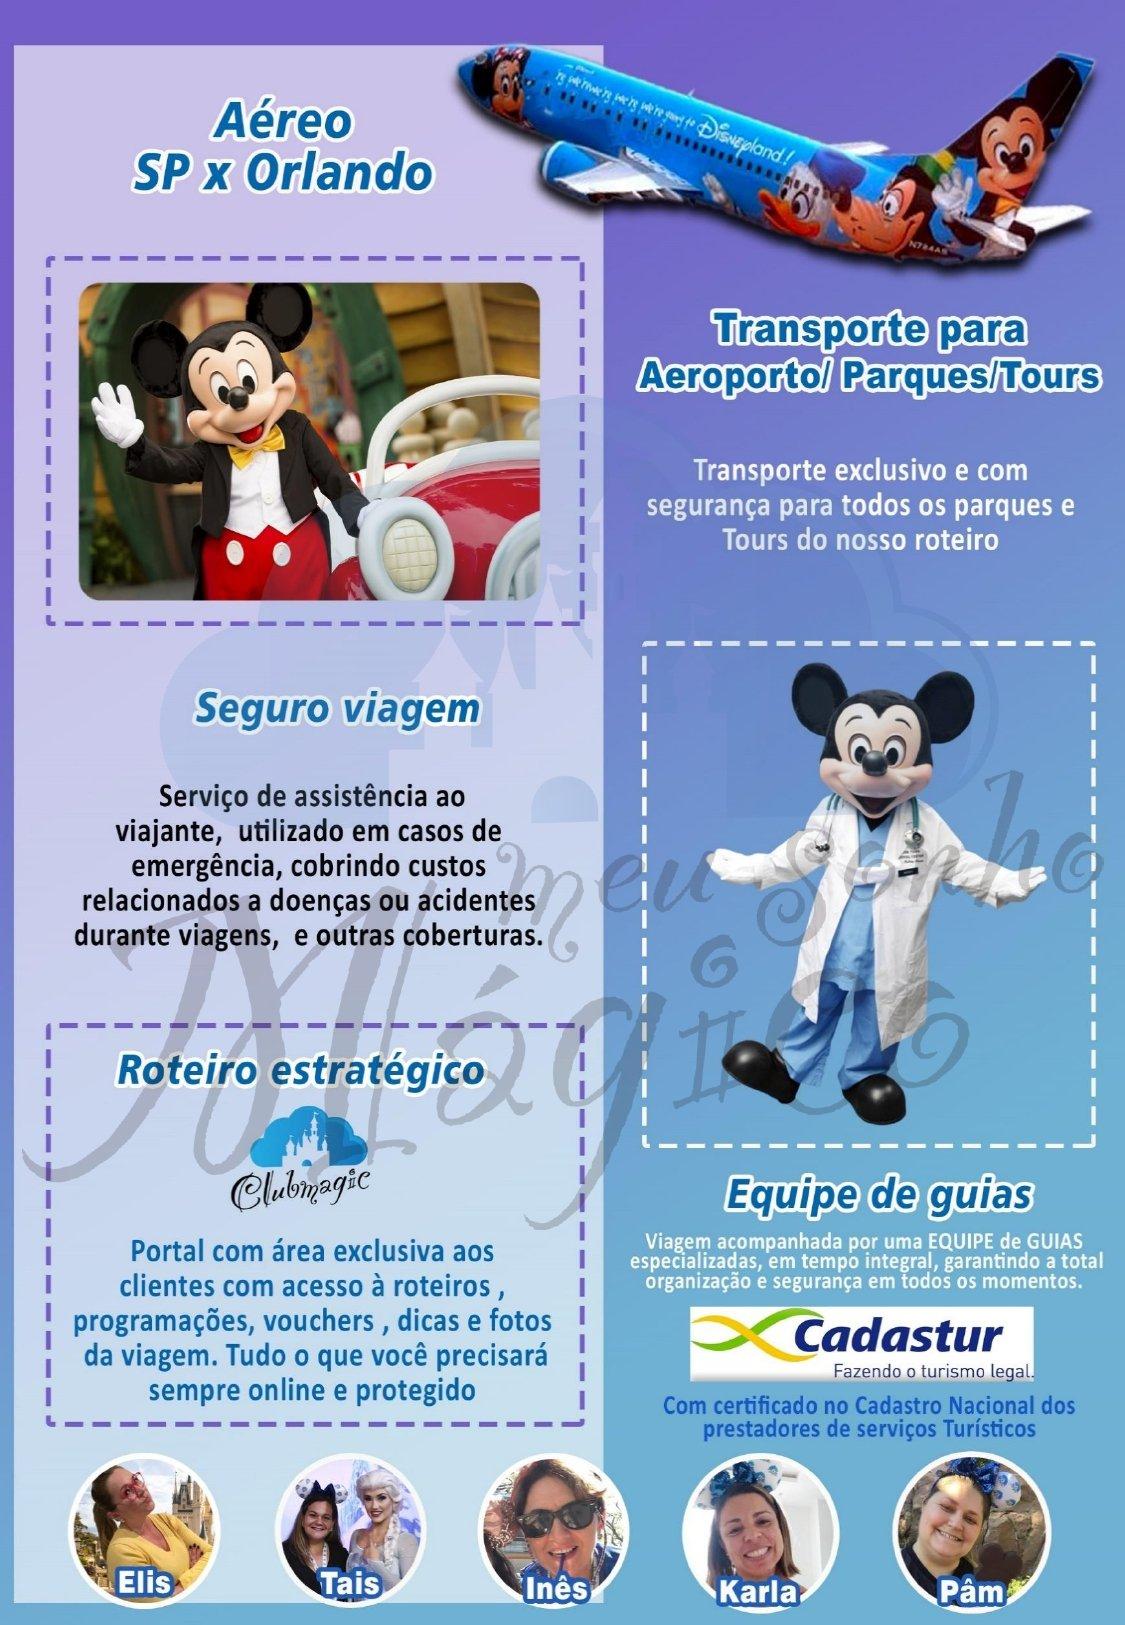 Grupo Family Verão - Disney Julho 2022 7